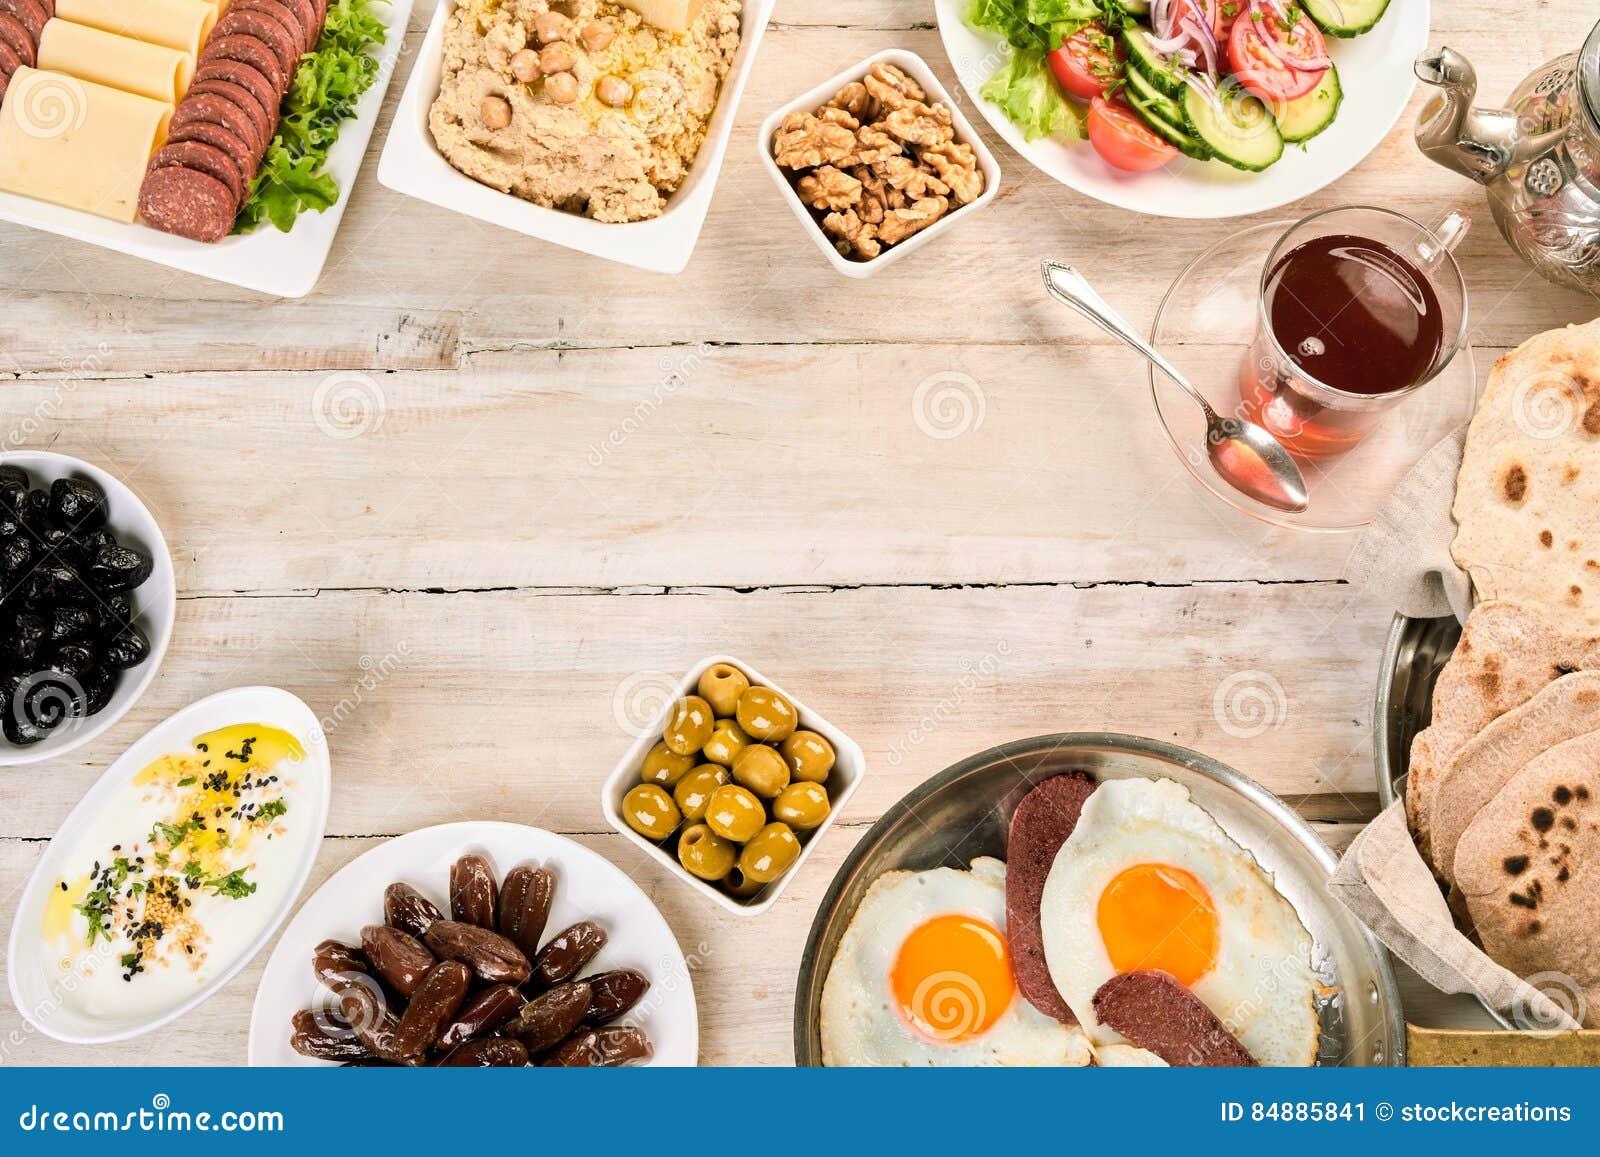 Obenliegende Ansicht des orientalischen Frühstücks